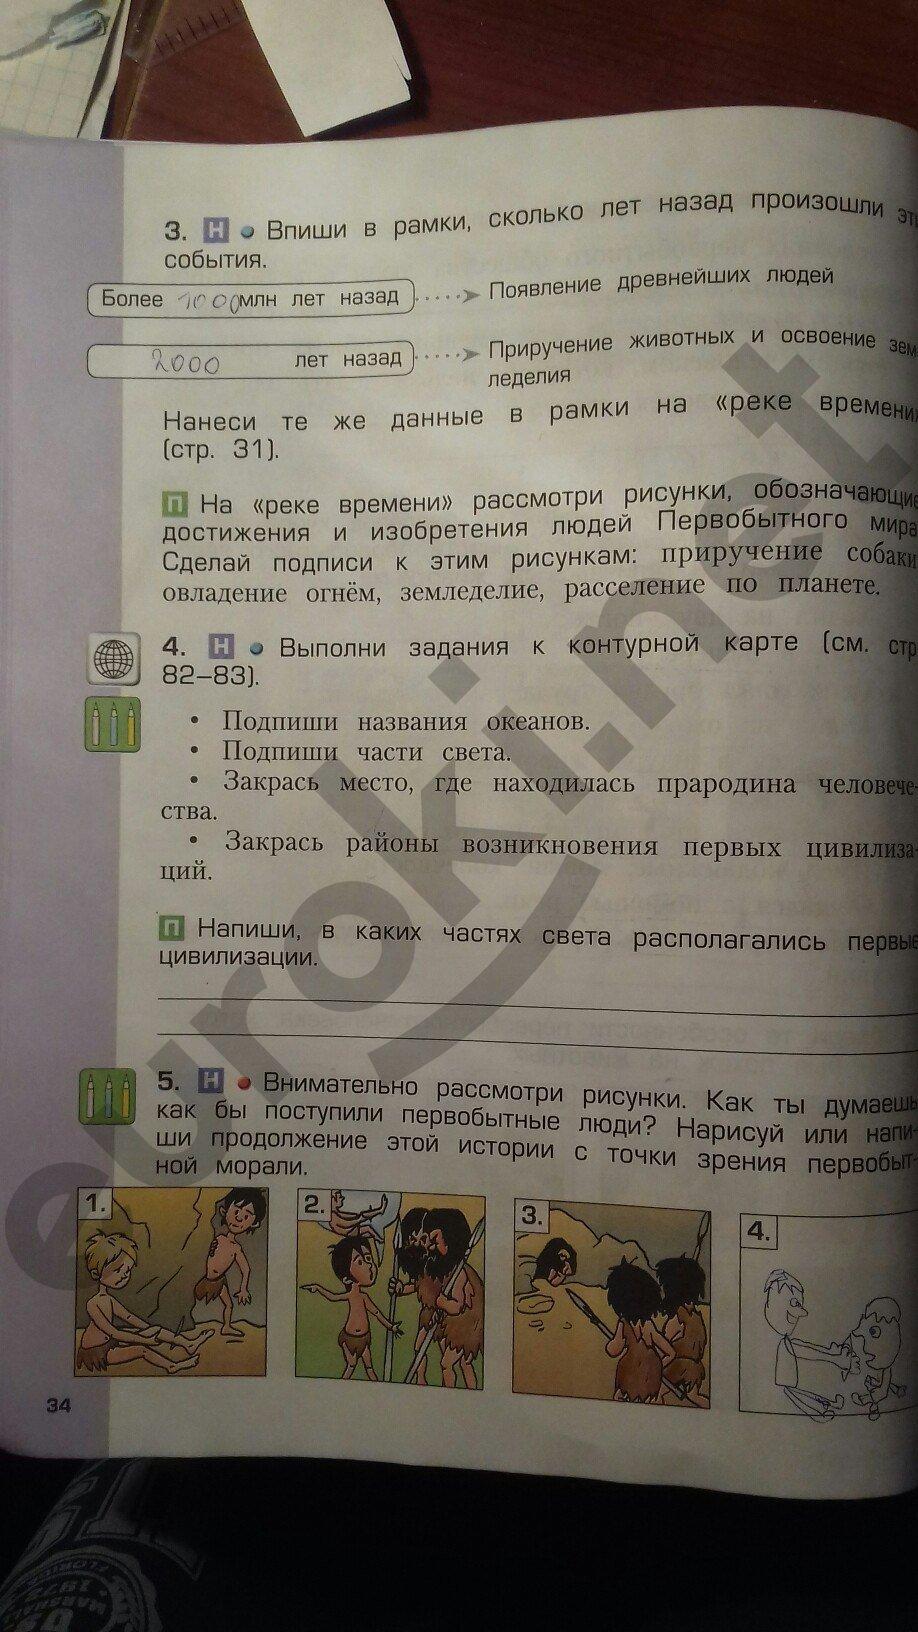 Гдз по история 4 класс рабочая тетрадь 2 часть харитонова